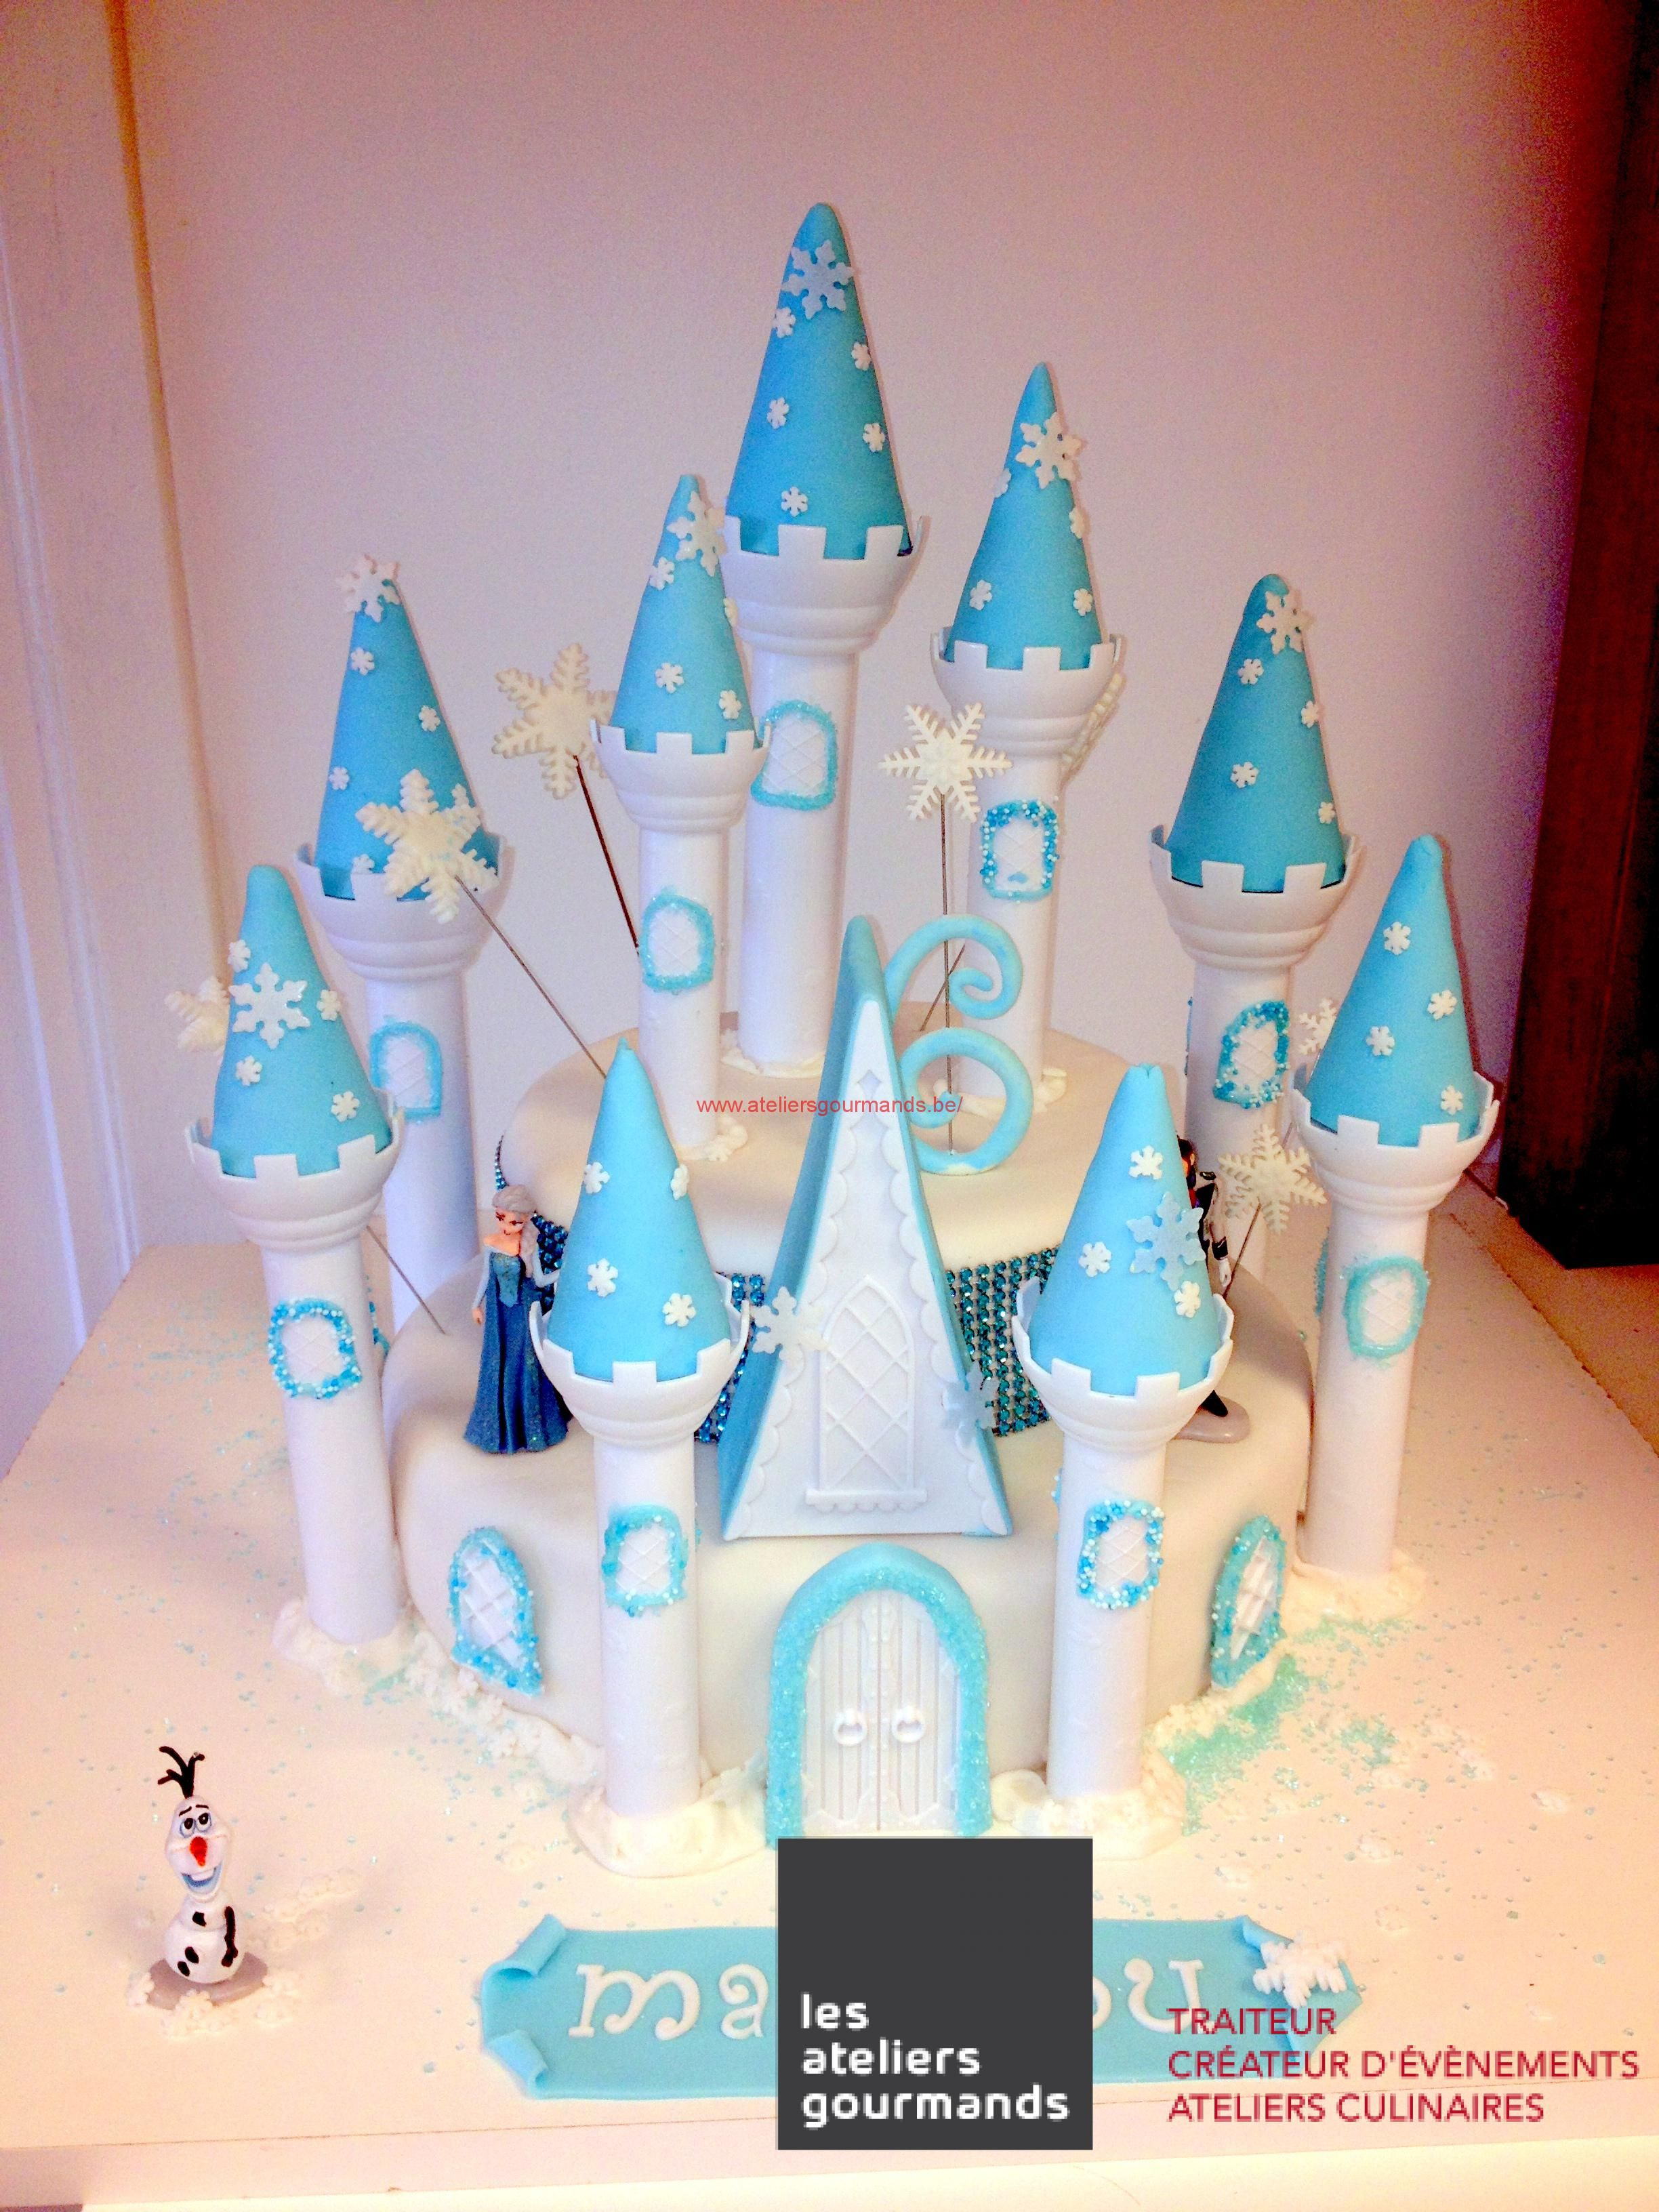 gateau chateau reine des neiges cake design pinterest cake designs pop s and cake. Black Bedroom Furniture Sets. Home Design Ideas